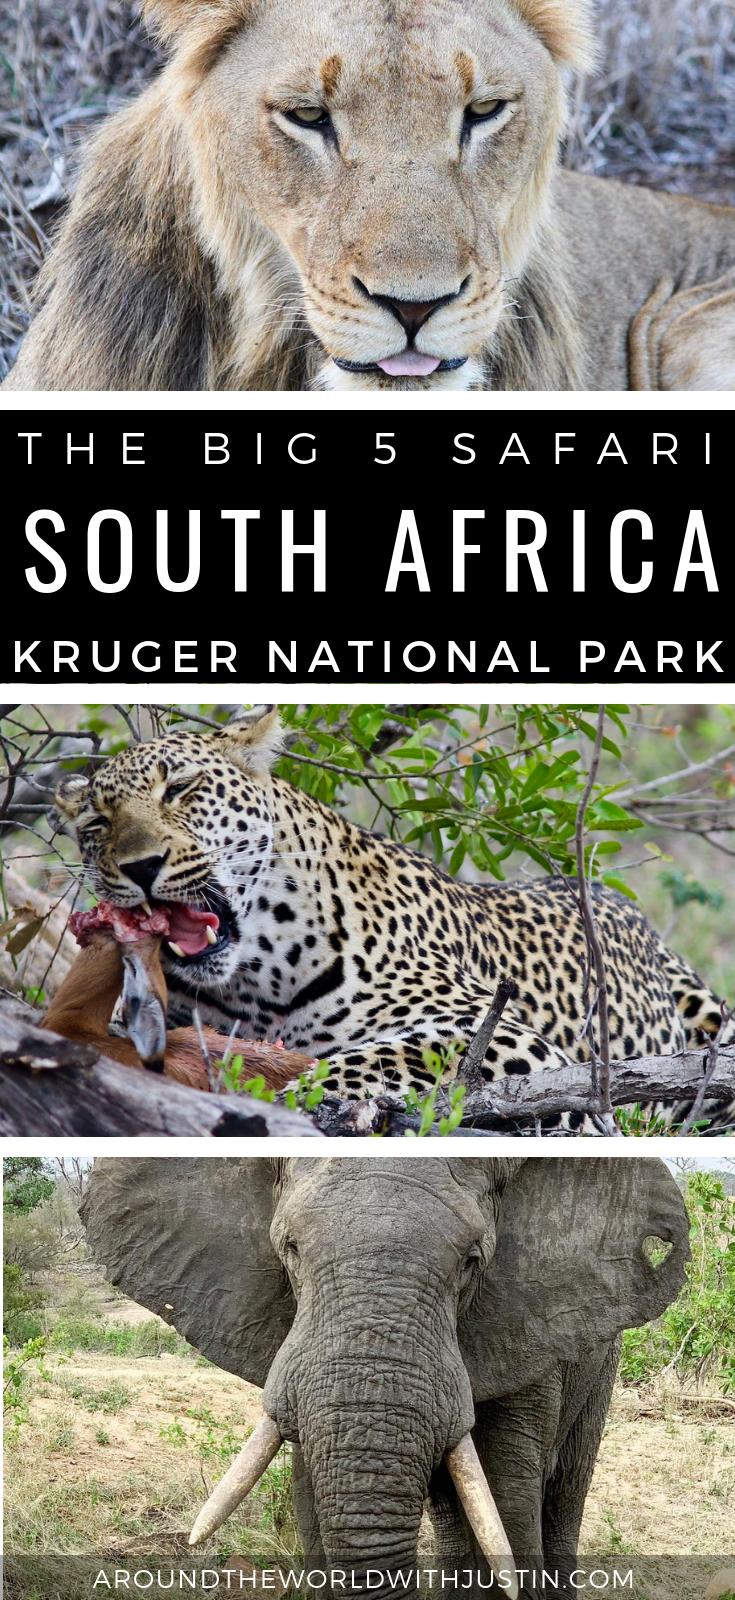 Sabi Sabi Private Game Reserve Kruger National Park Big 5 Safari